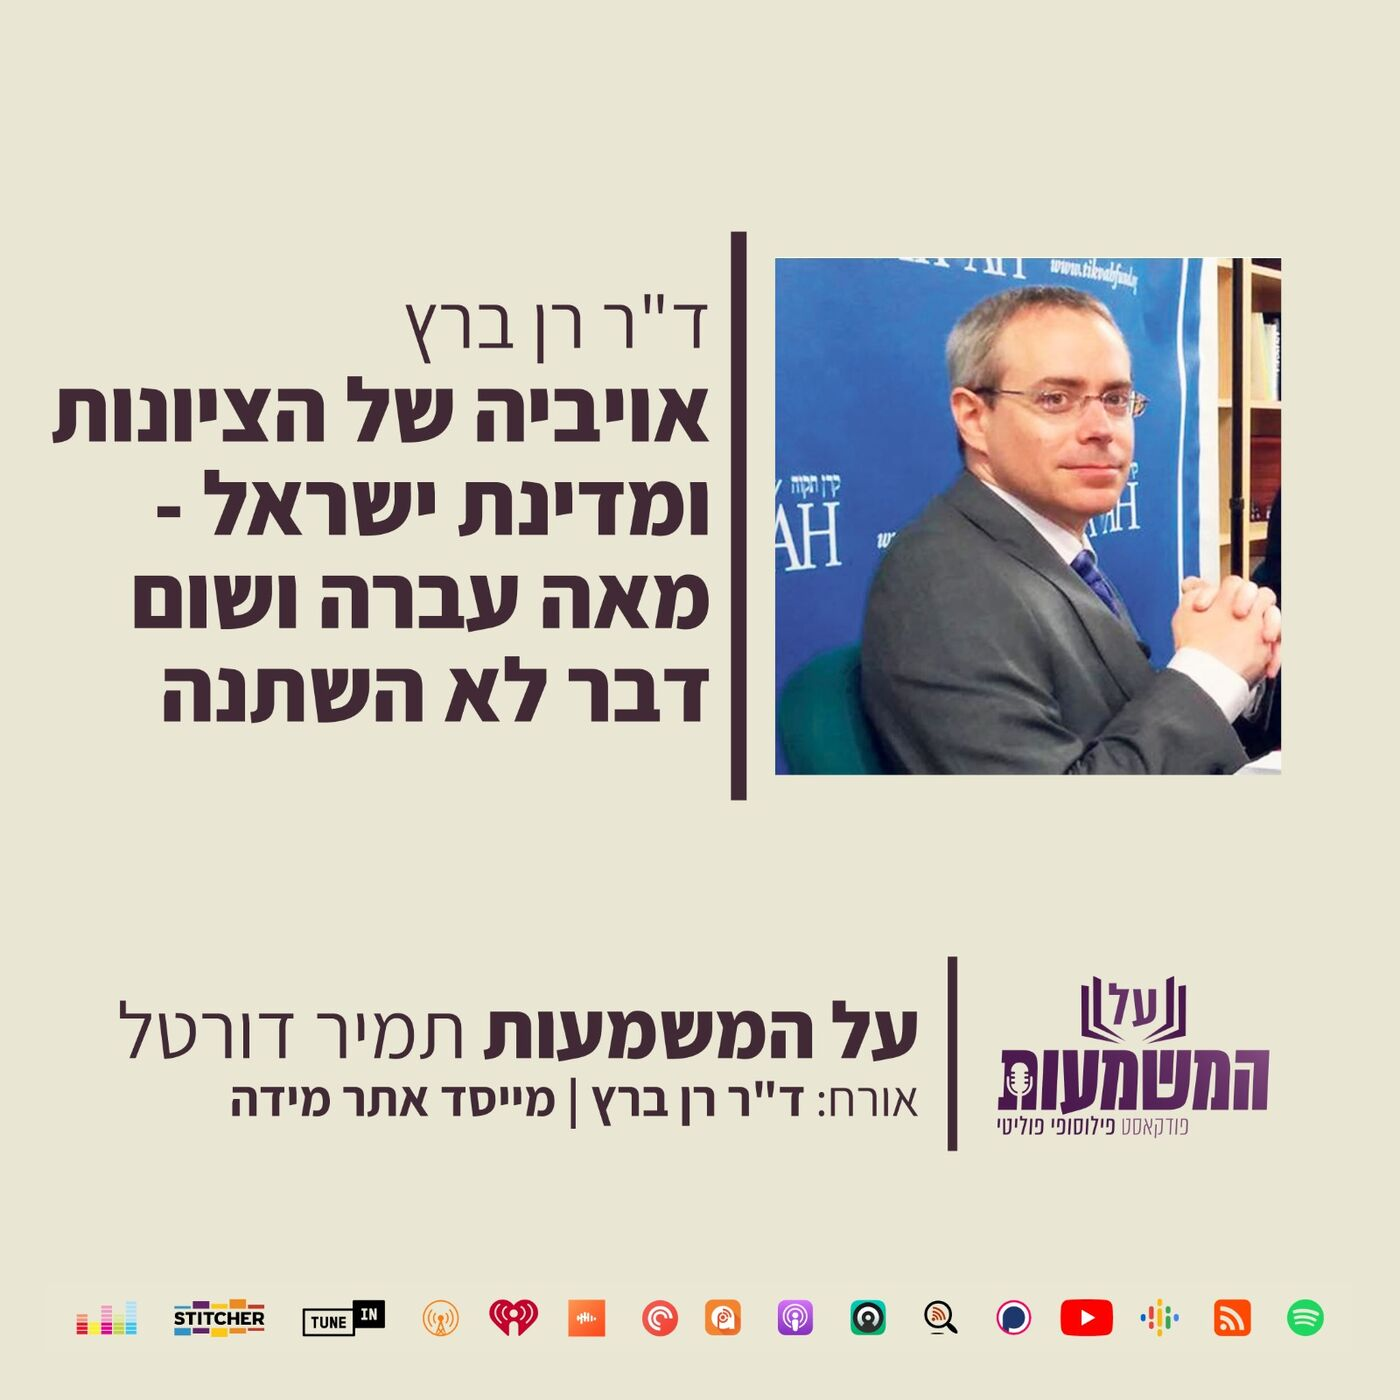 """ד""""ר רן ברץ - אויביה של הציונות ומדינת ישראל - מאה עברה ושום דבר לא השתנה"""